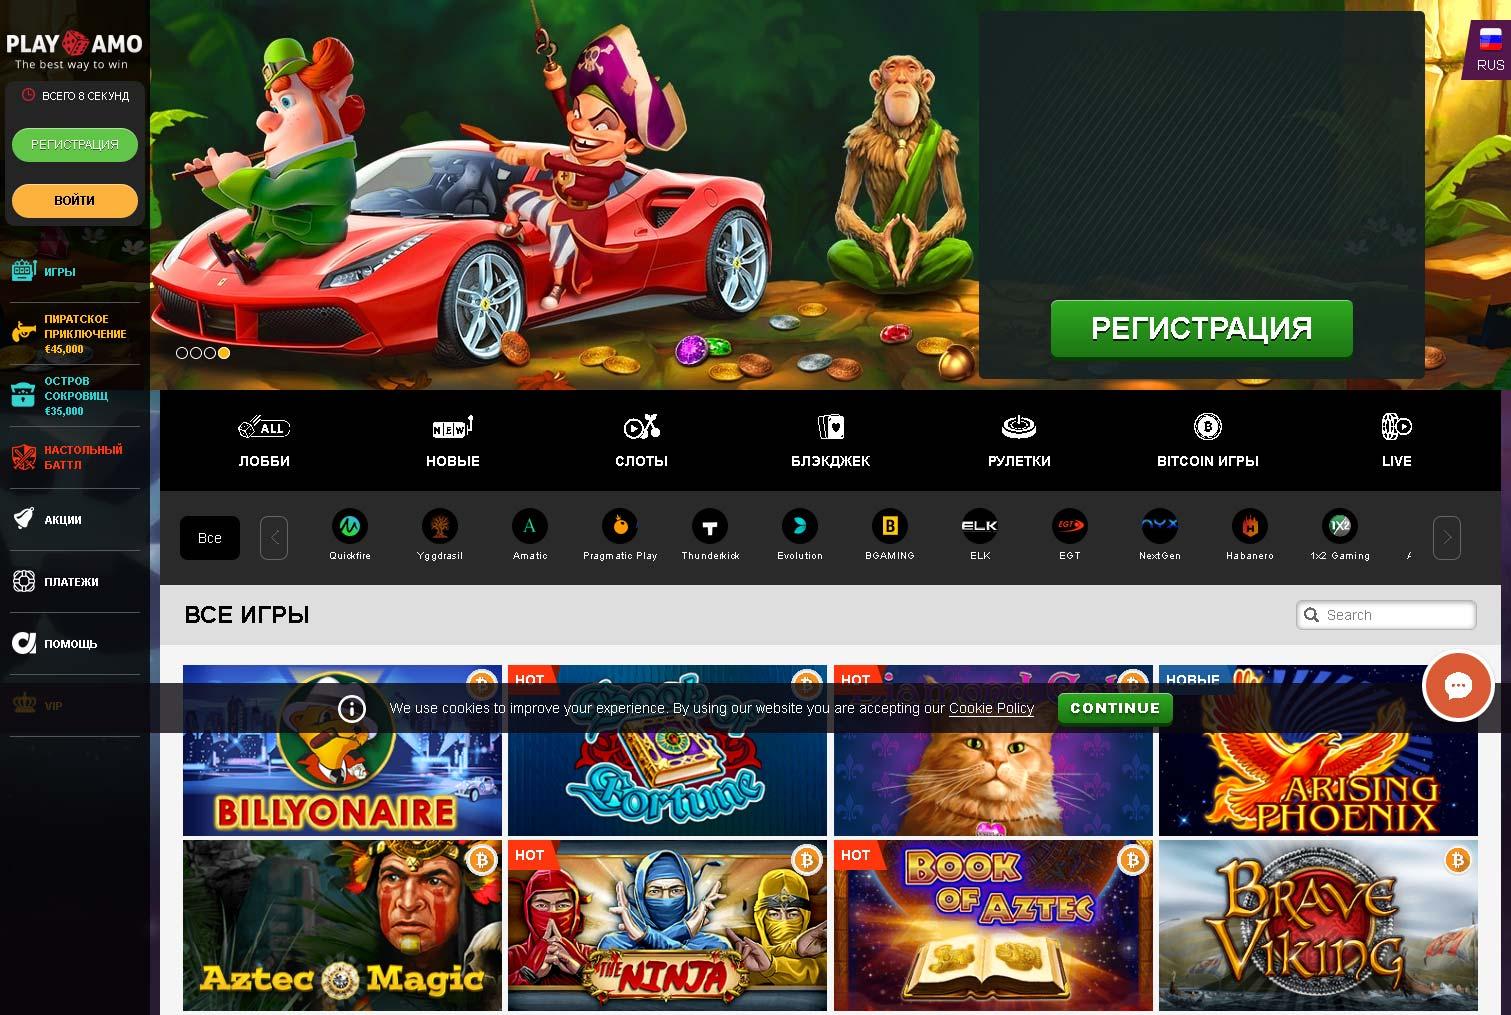 фото Сайт амо официальный казино плей